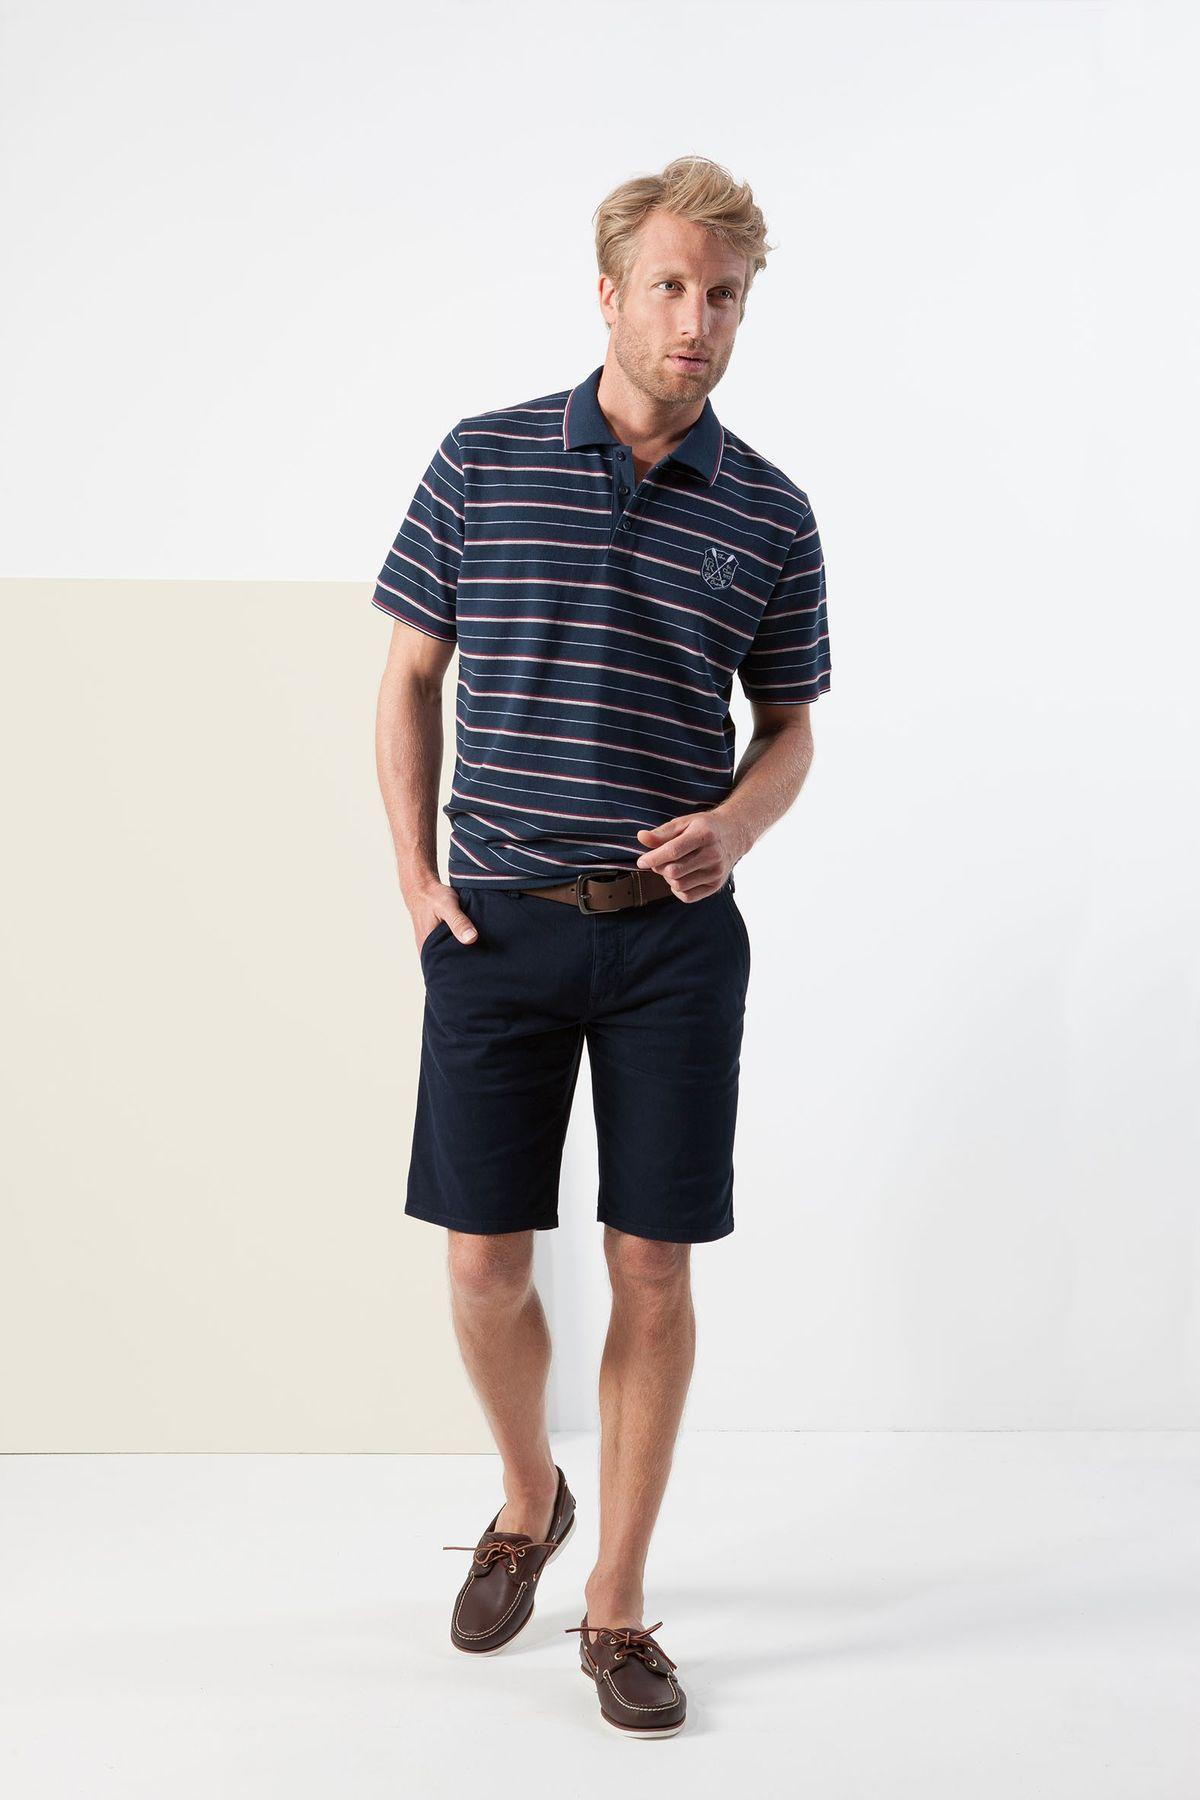 Stooker - Herren Chino Shorts in verschiedenen Farben, Malte (5182) – Bild 2